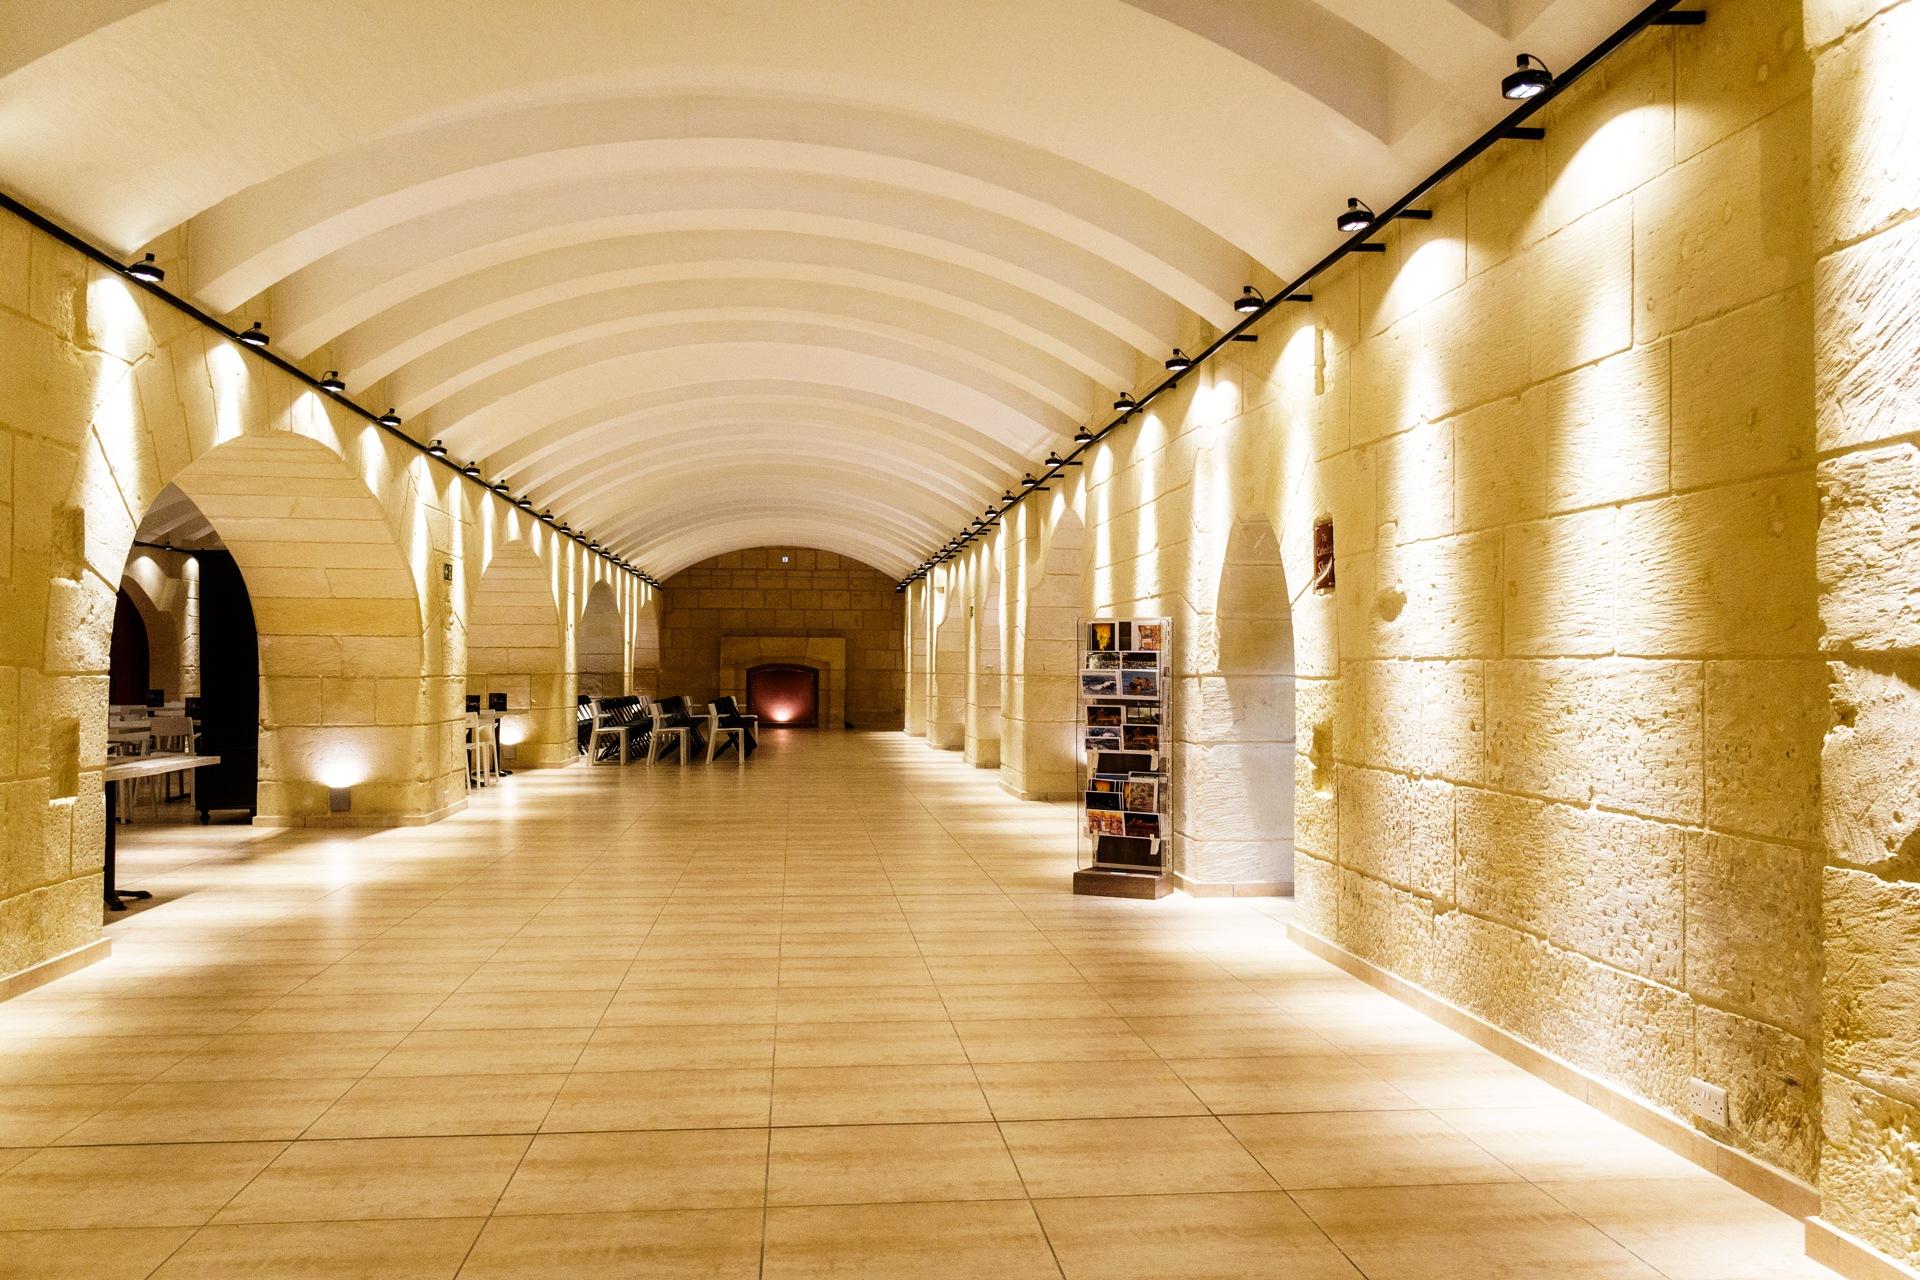 Modern interior in ancient building  by Venelin Todorov